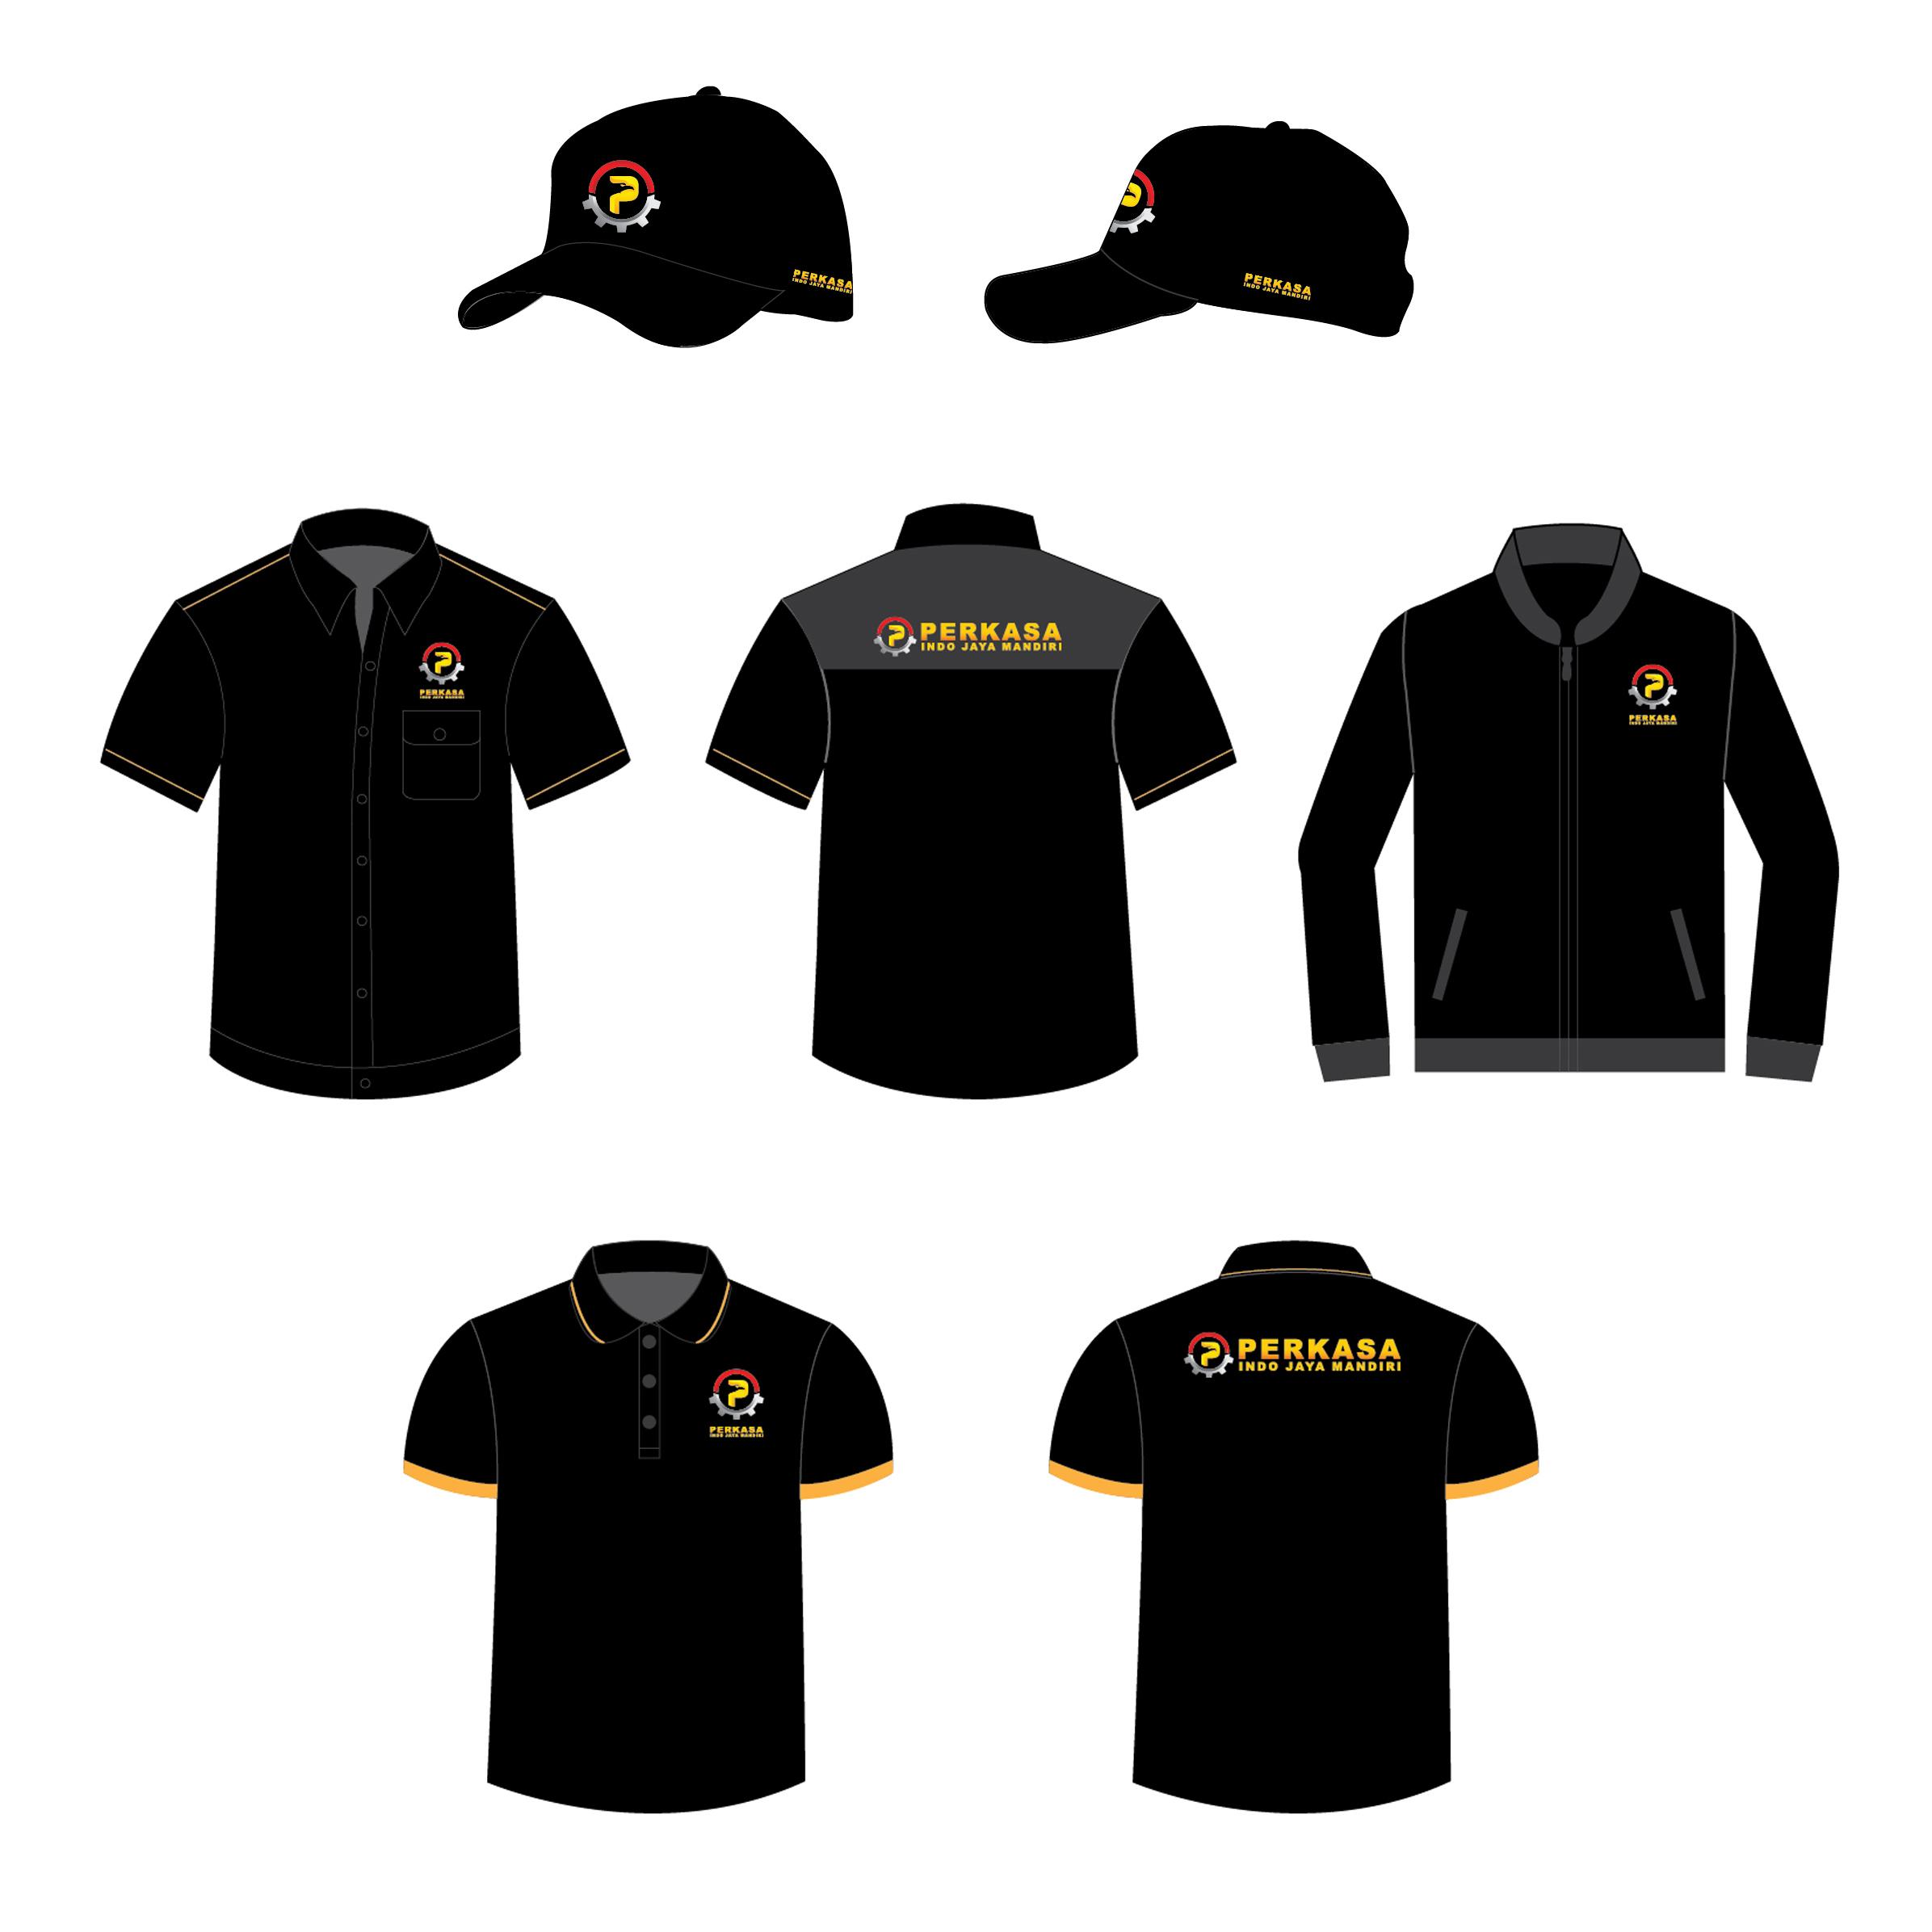 Coorporate uniform 9039d5a9d4